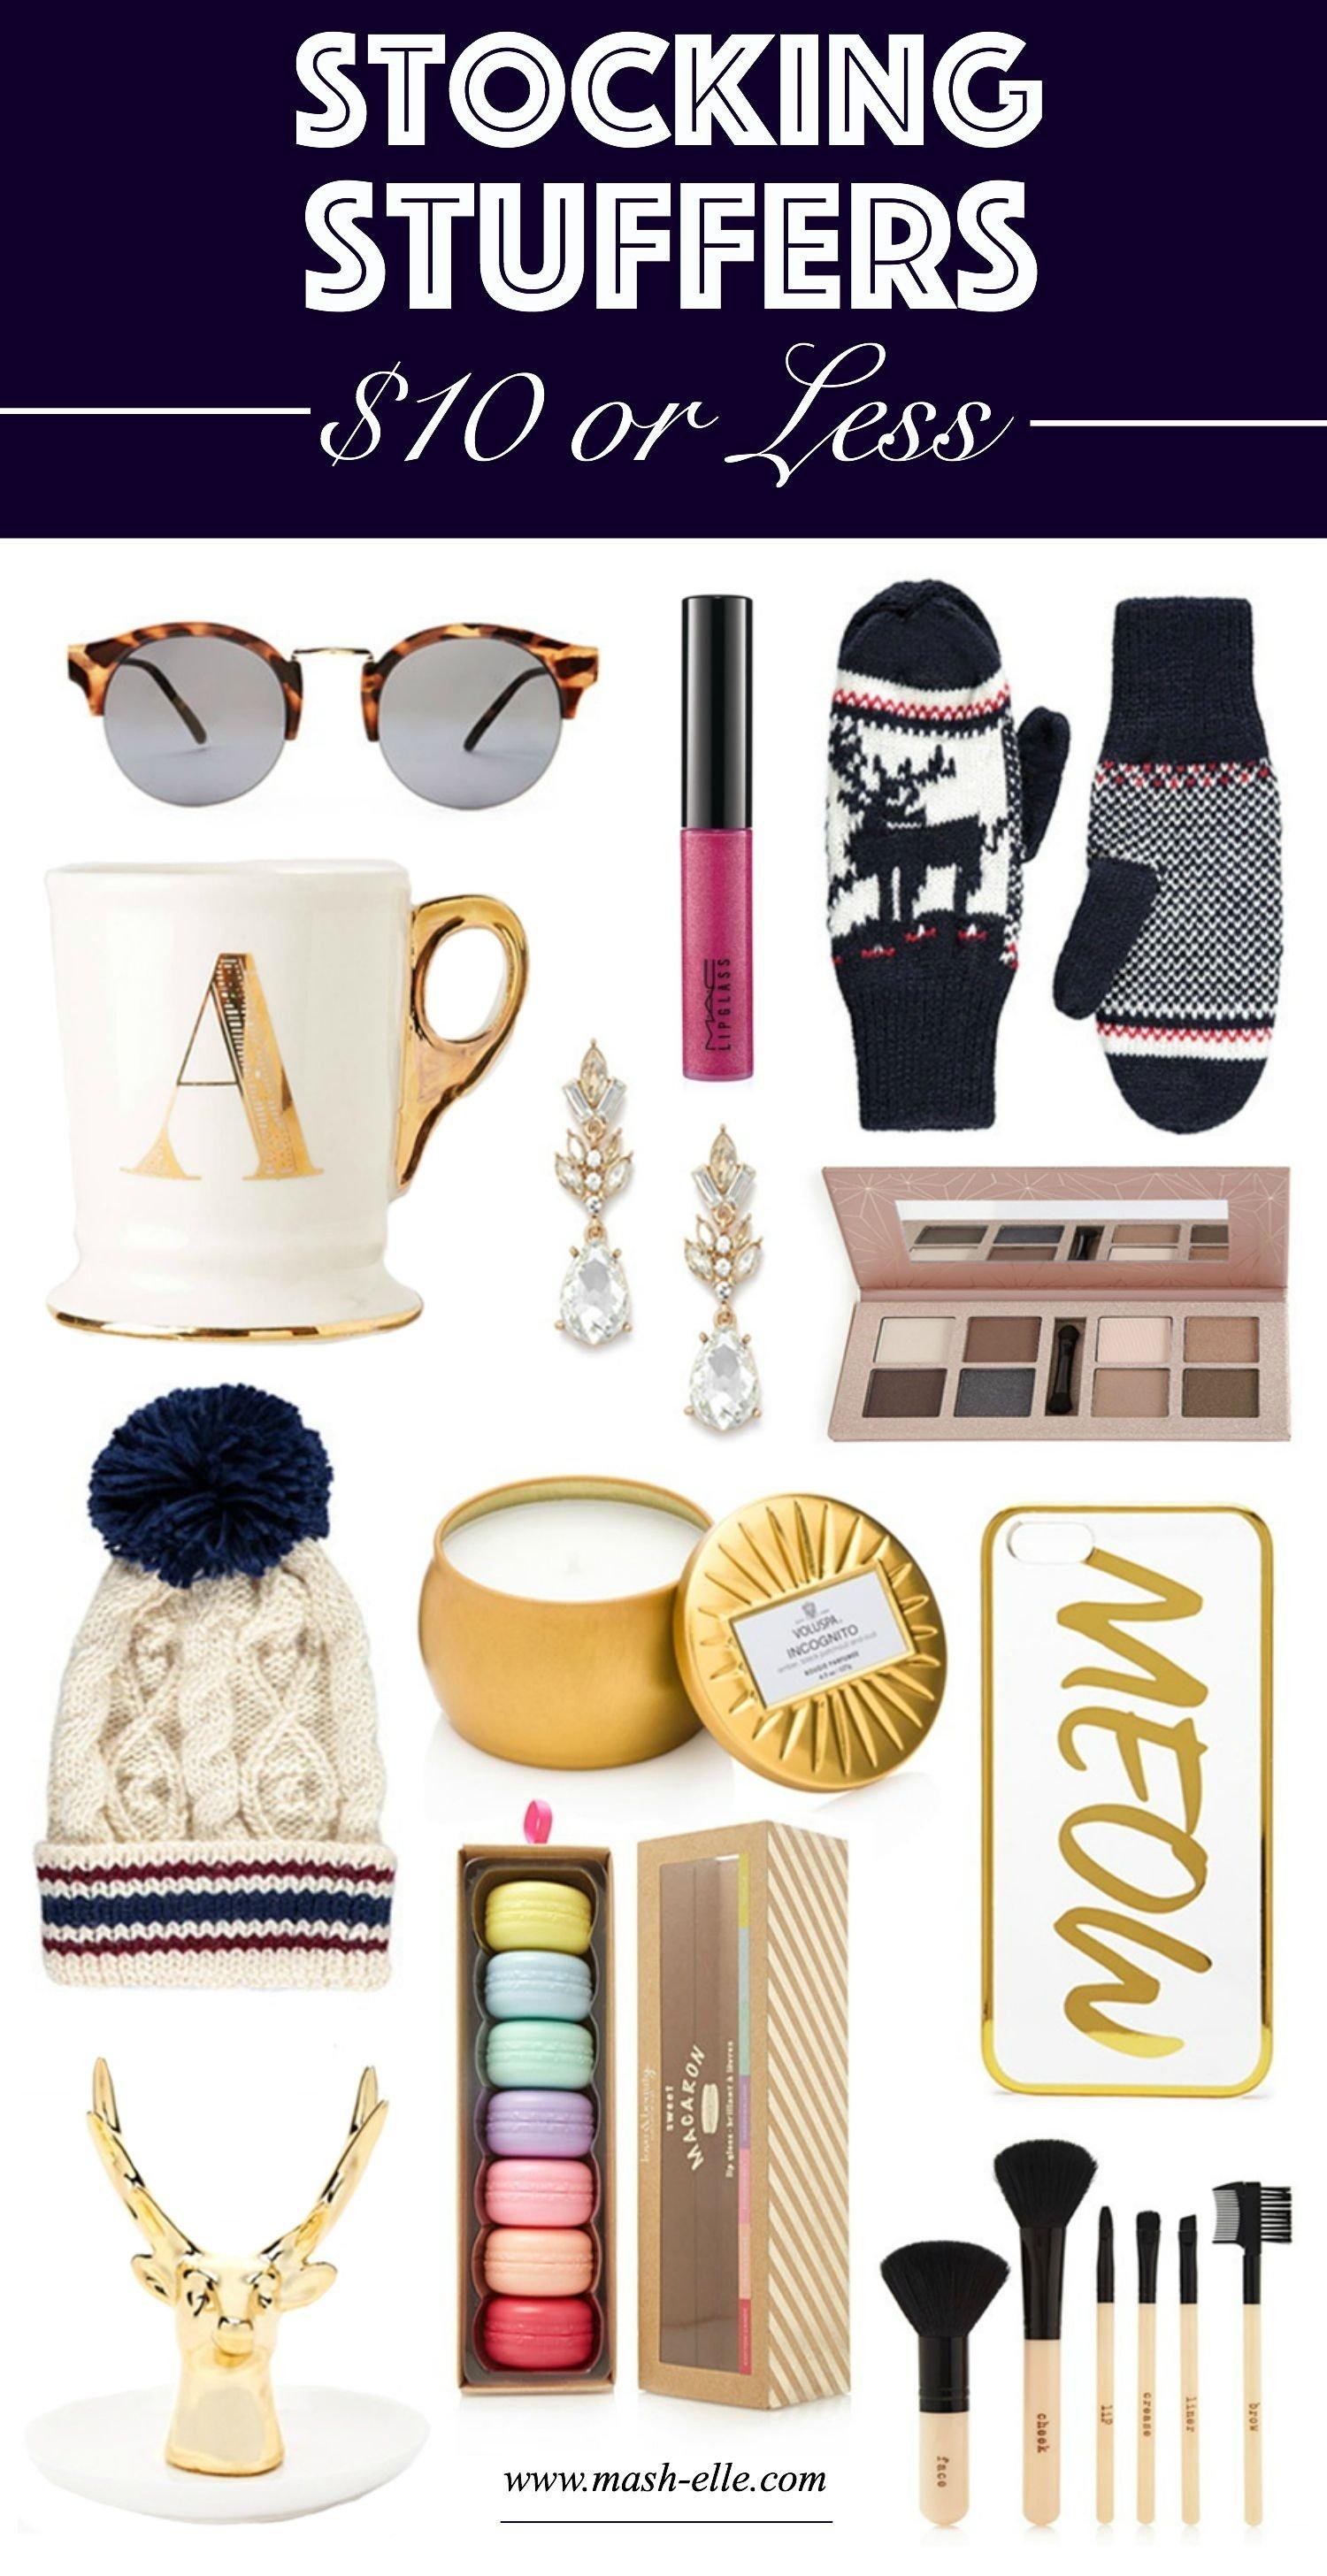 10 Lovable Stocking Stuffer Ideas For Her stocking stuffers for her for 10 or less stocking stuffers 2021